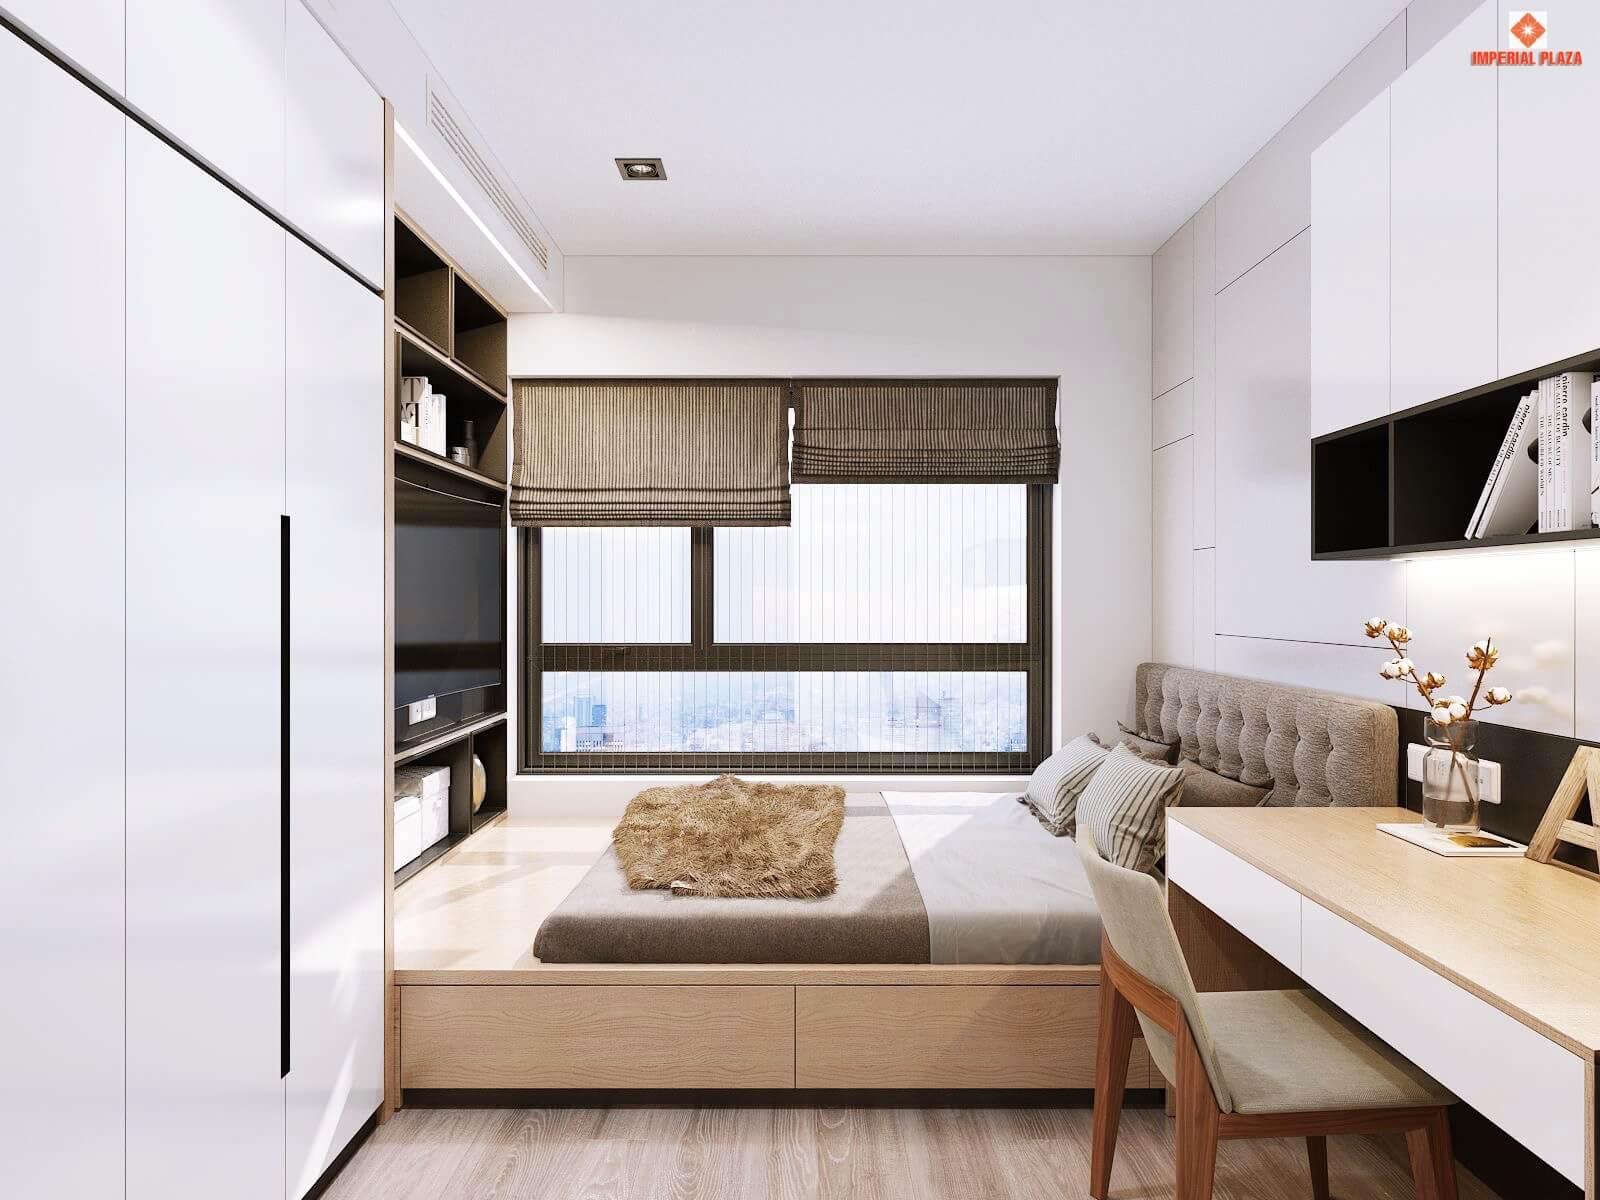 Thiết kế nội thất căn hộ chung cư 360 Giải Phóng